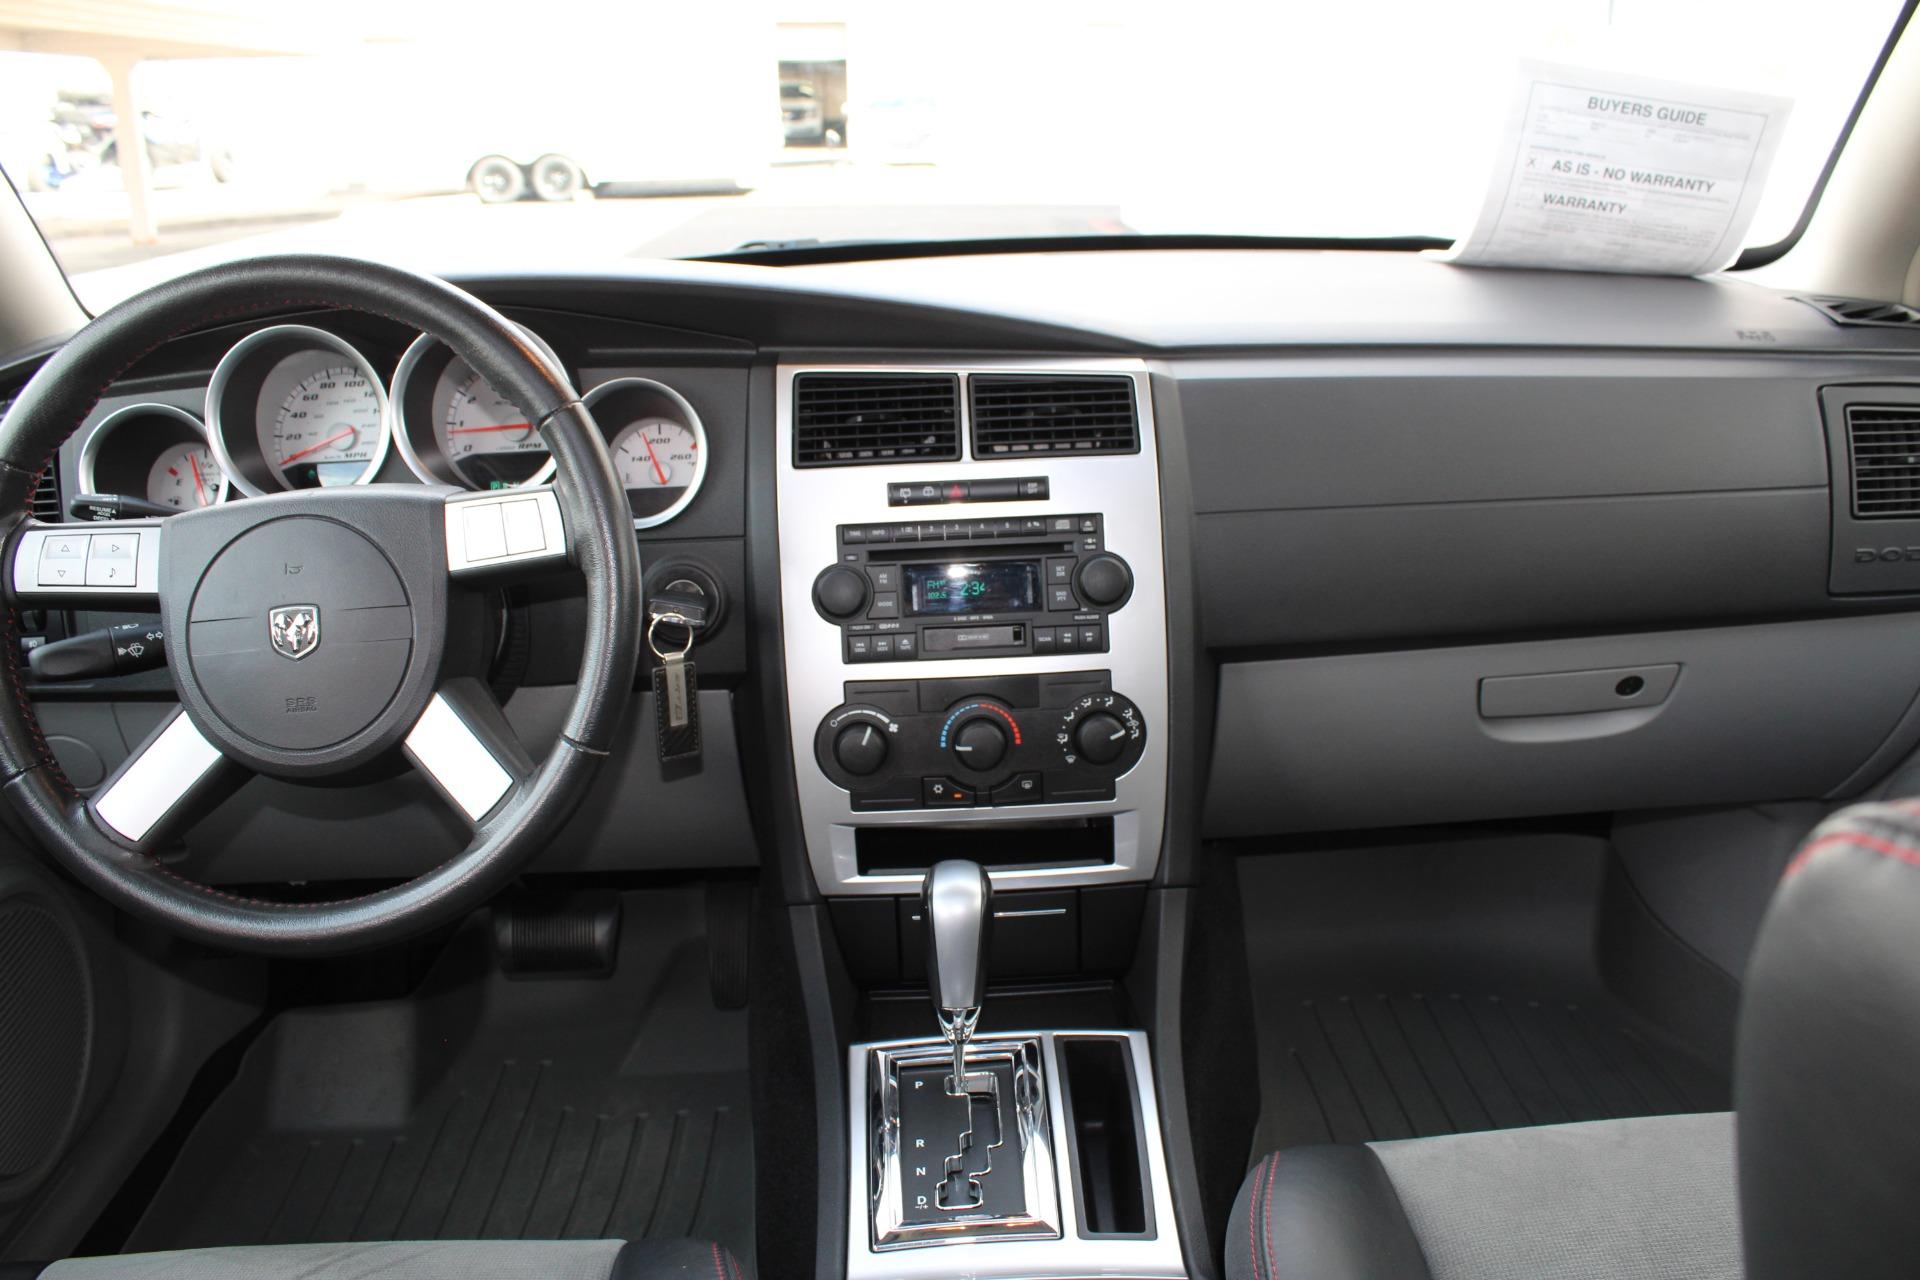 Used-2006-Dodge-Magnum-SRT8-vintage